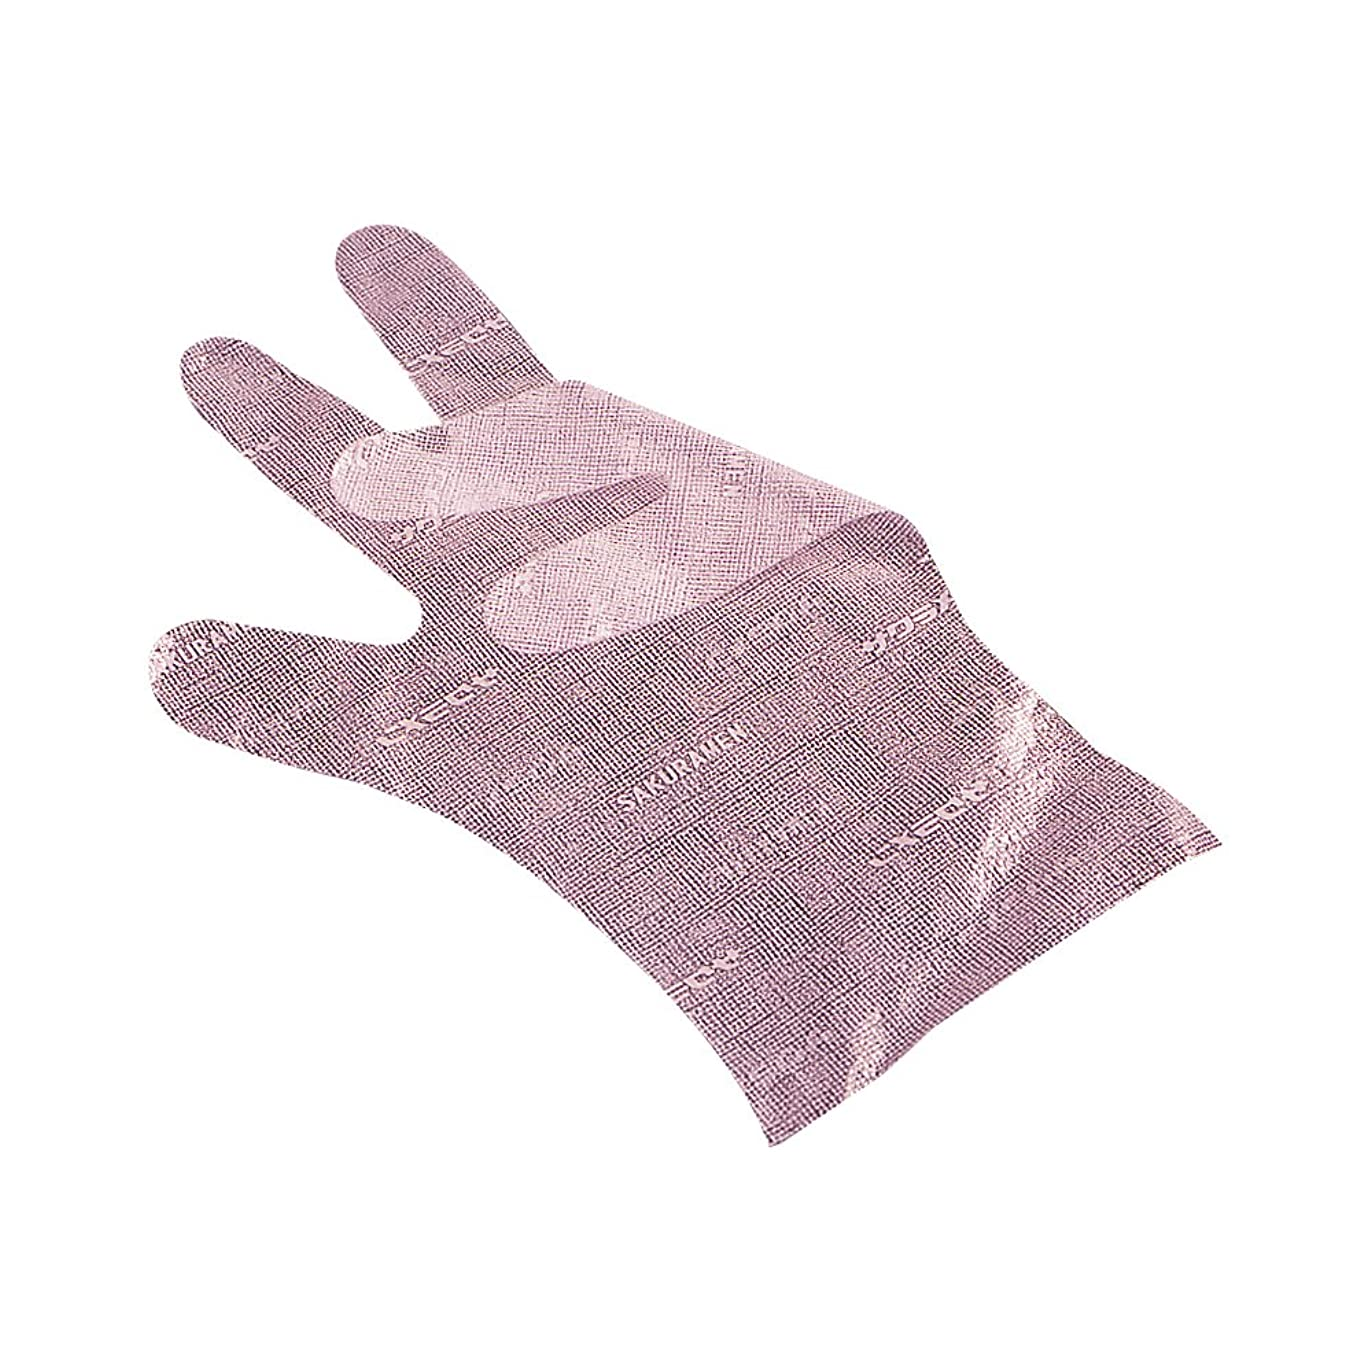 排除するオーバードローレパートリーサクラメンエンボス手袋 デラックス ピンク M 100枚入